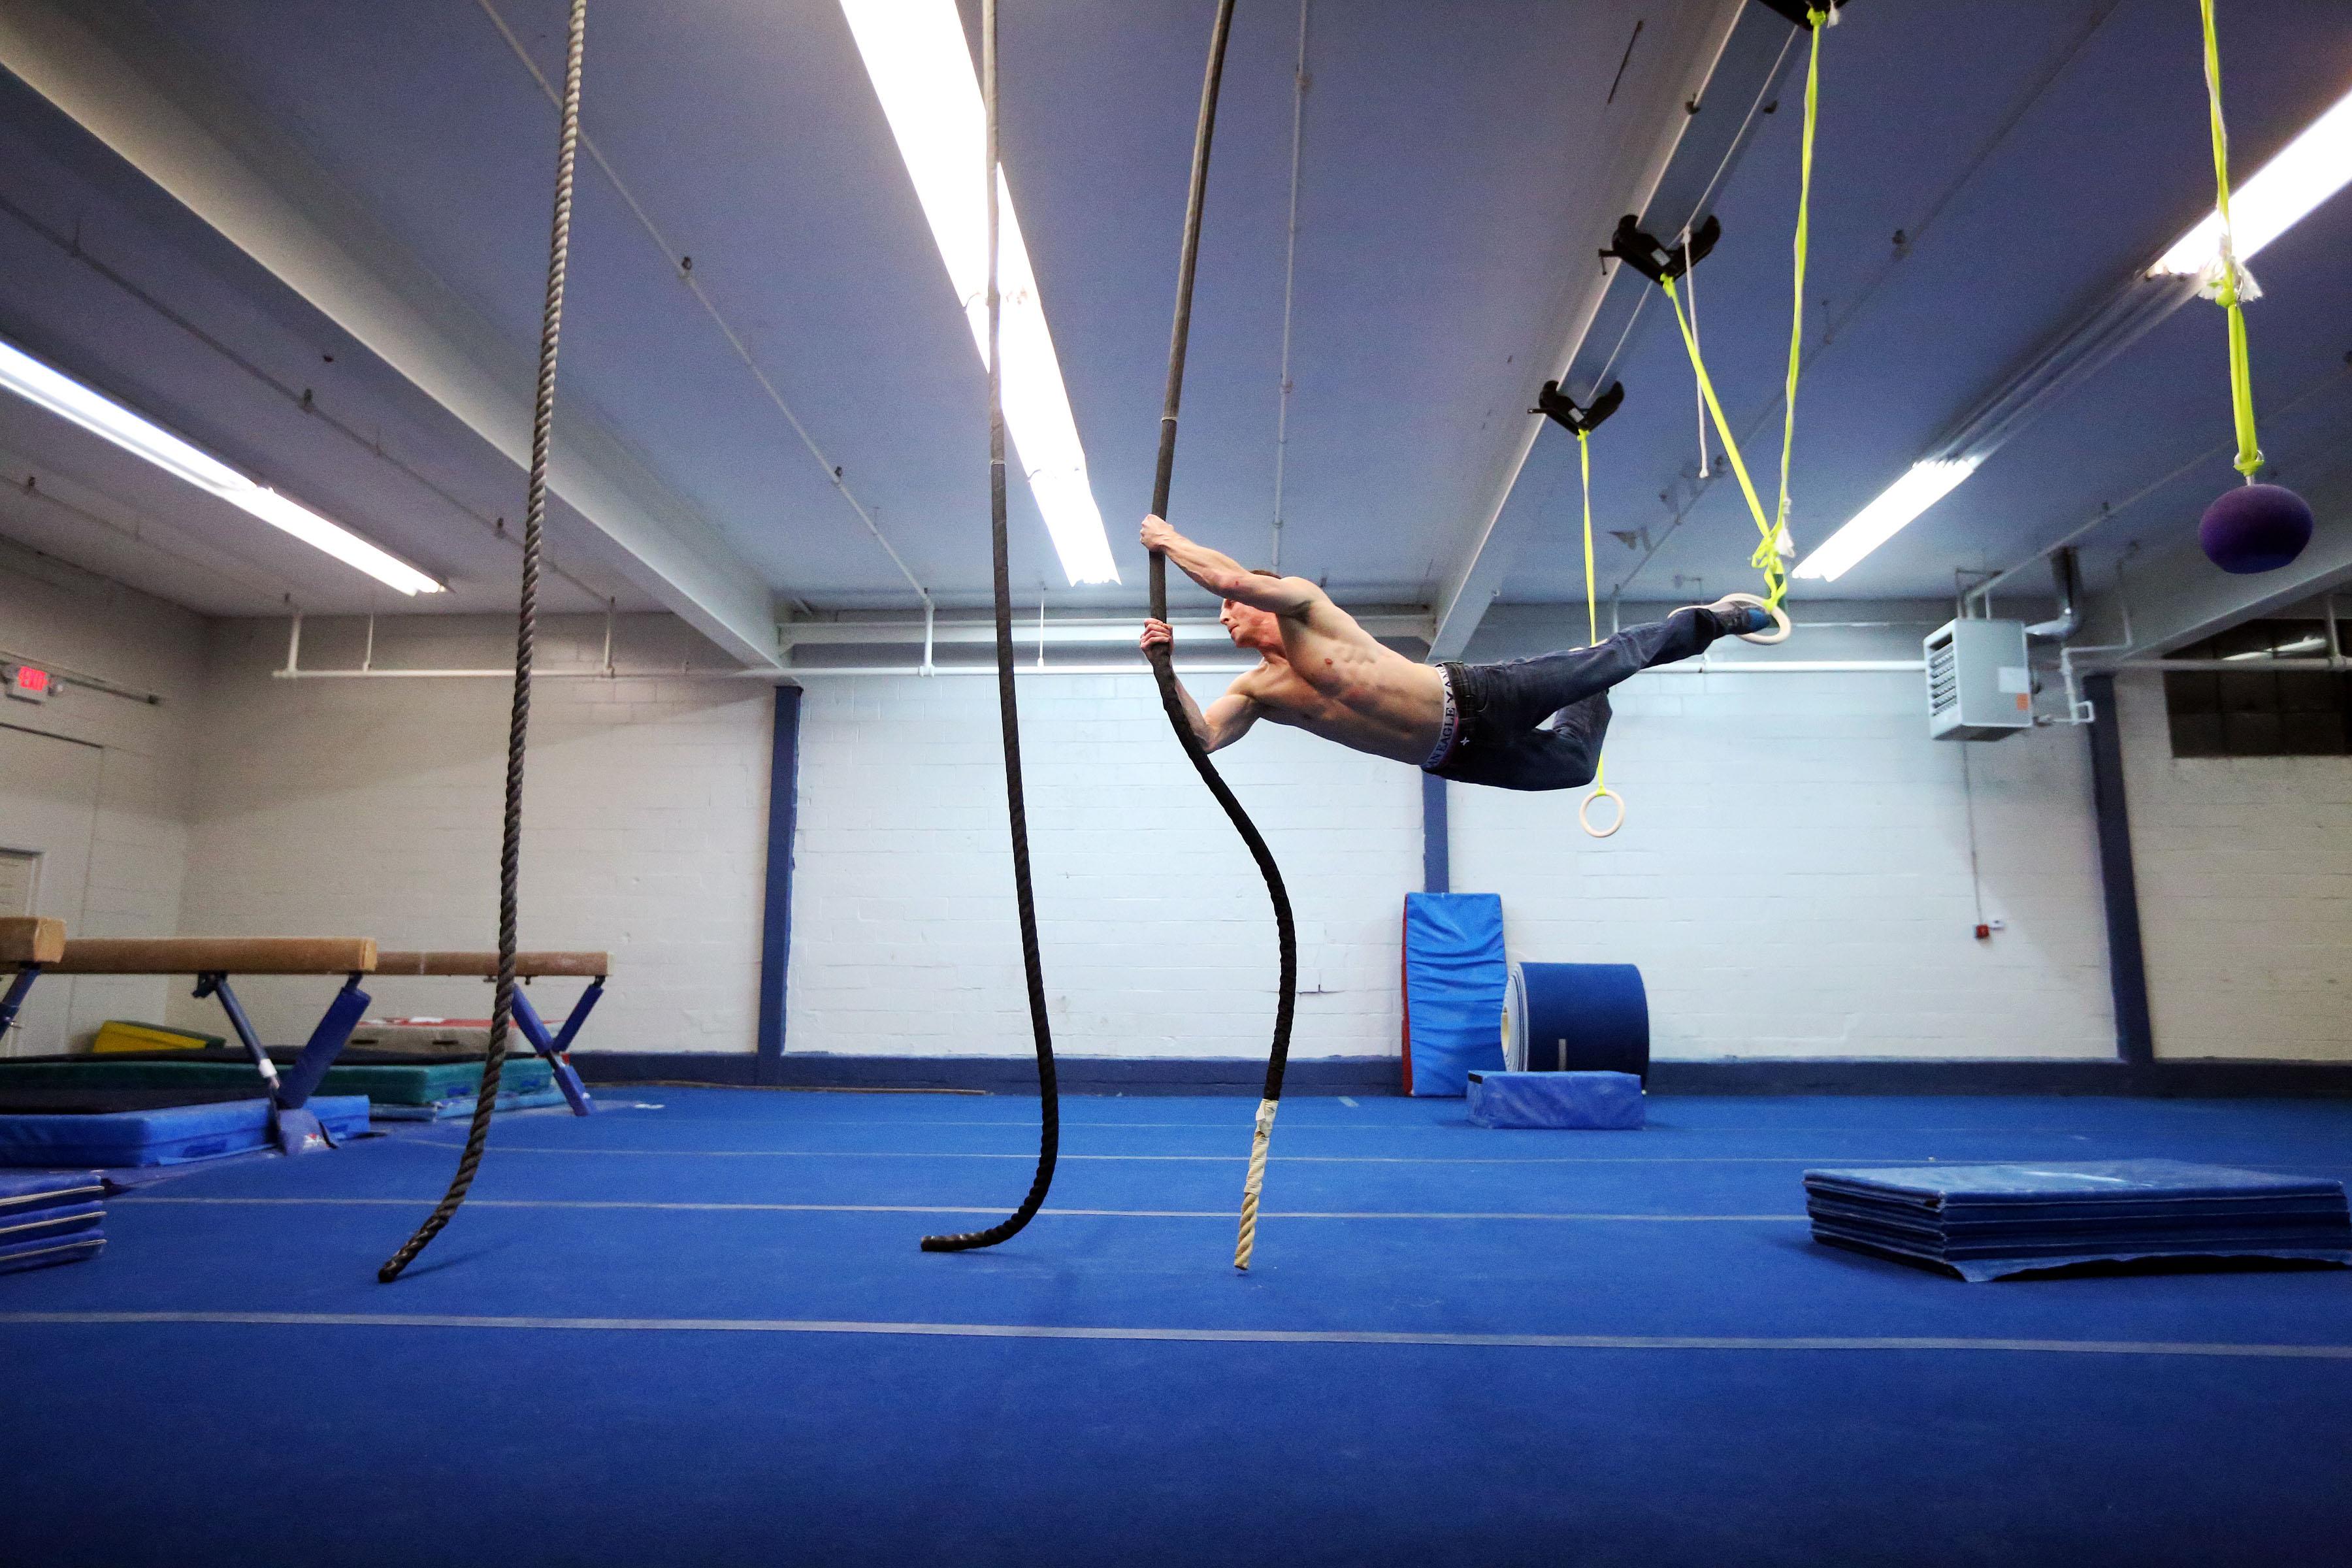 Justin Conway Ninja Warrior rope jump